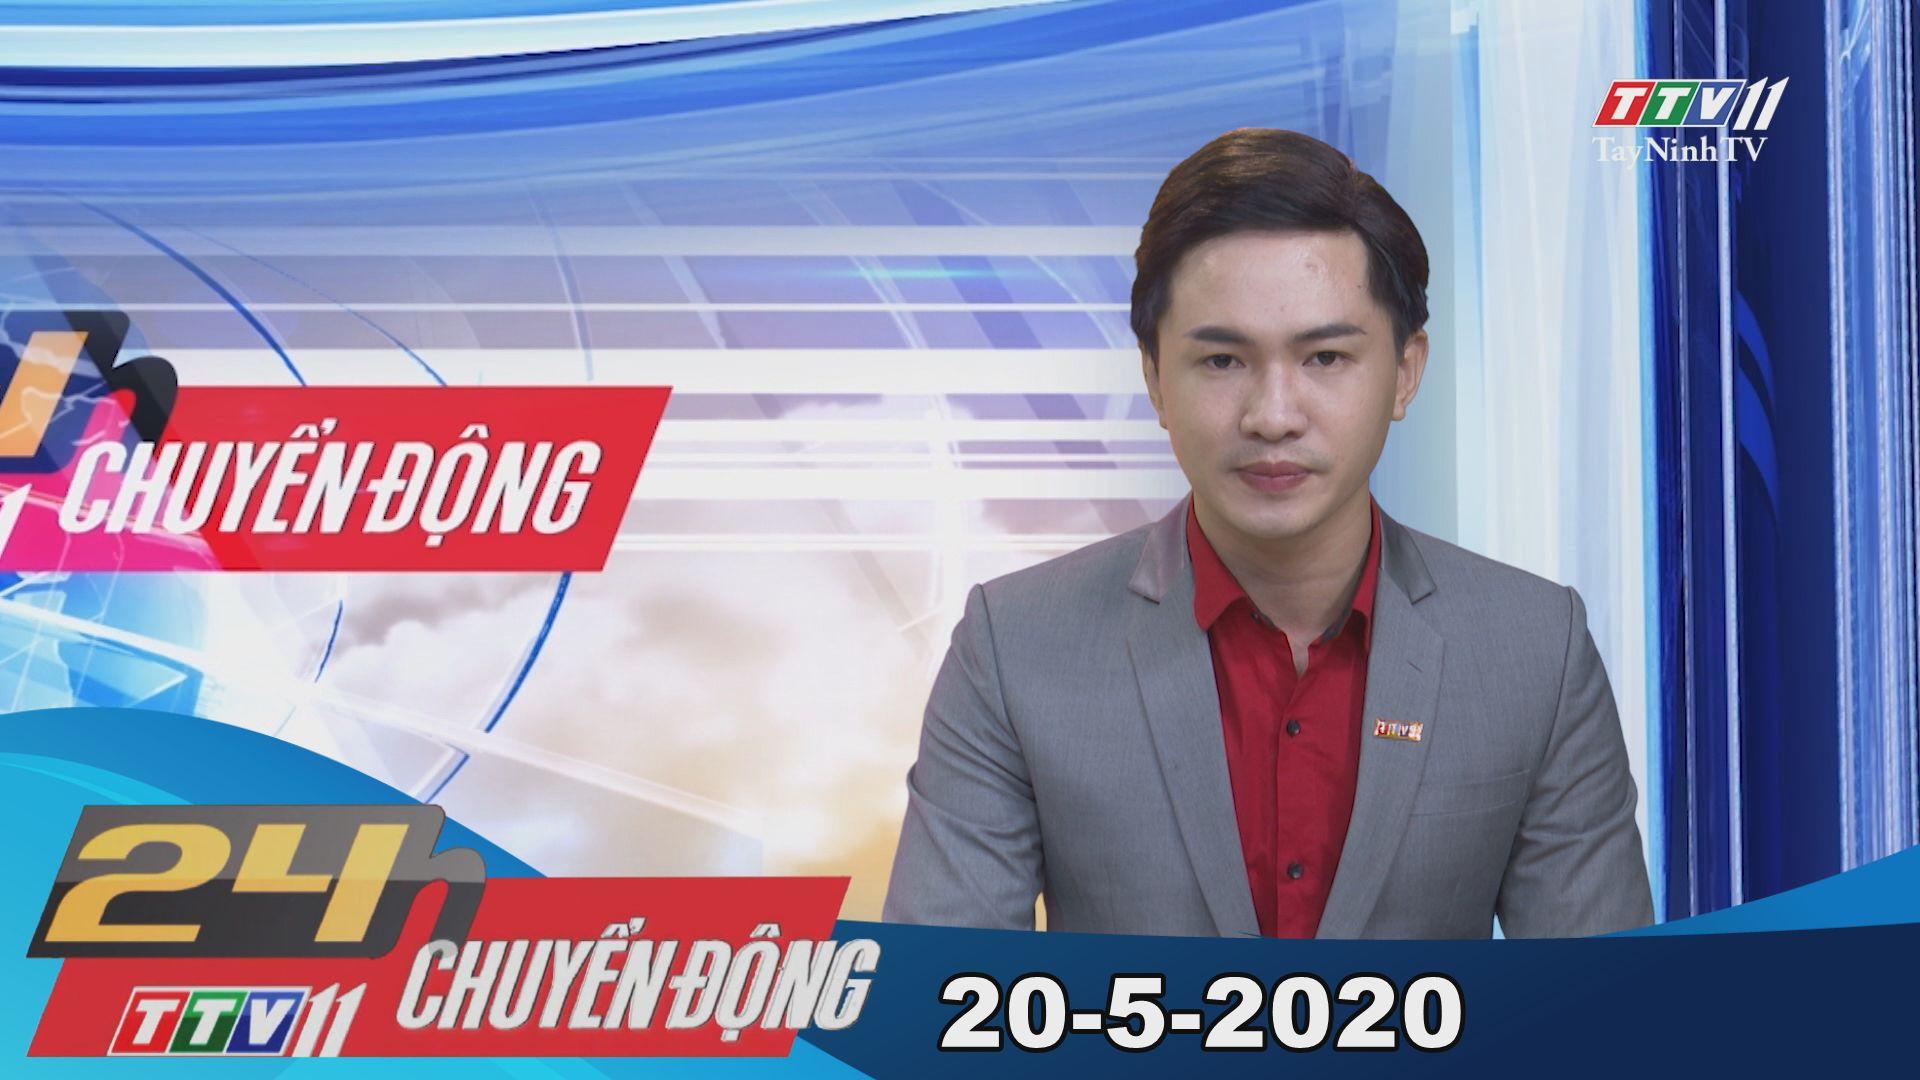 24h Chuyển động 20-5-2020 | Tin tức hôm nay | TayNinhTV